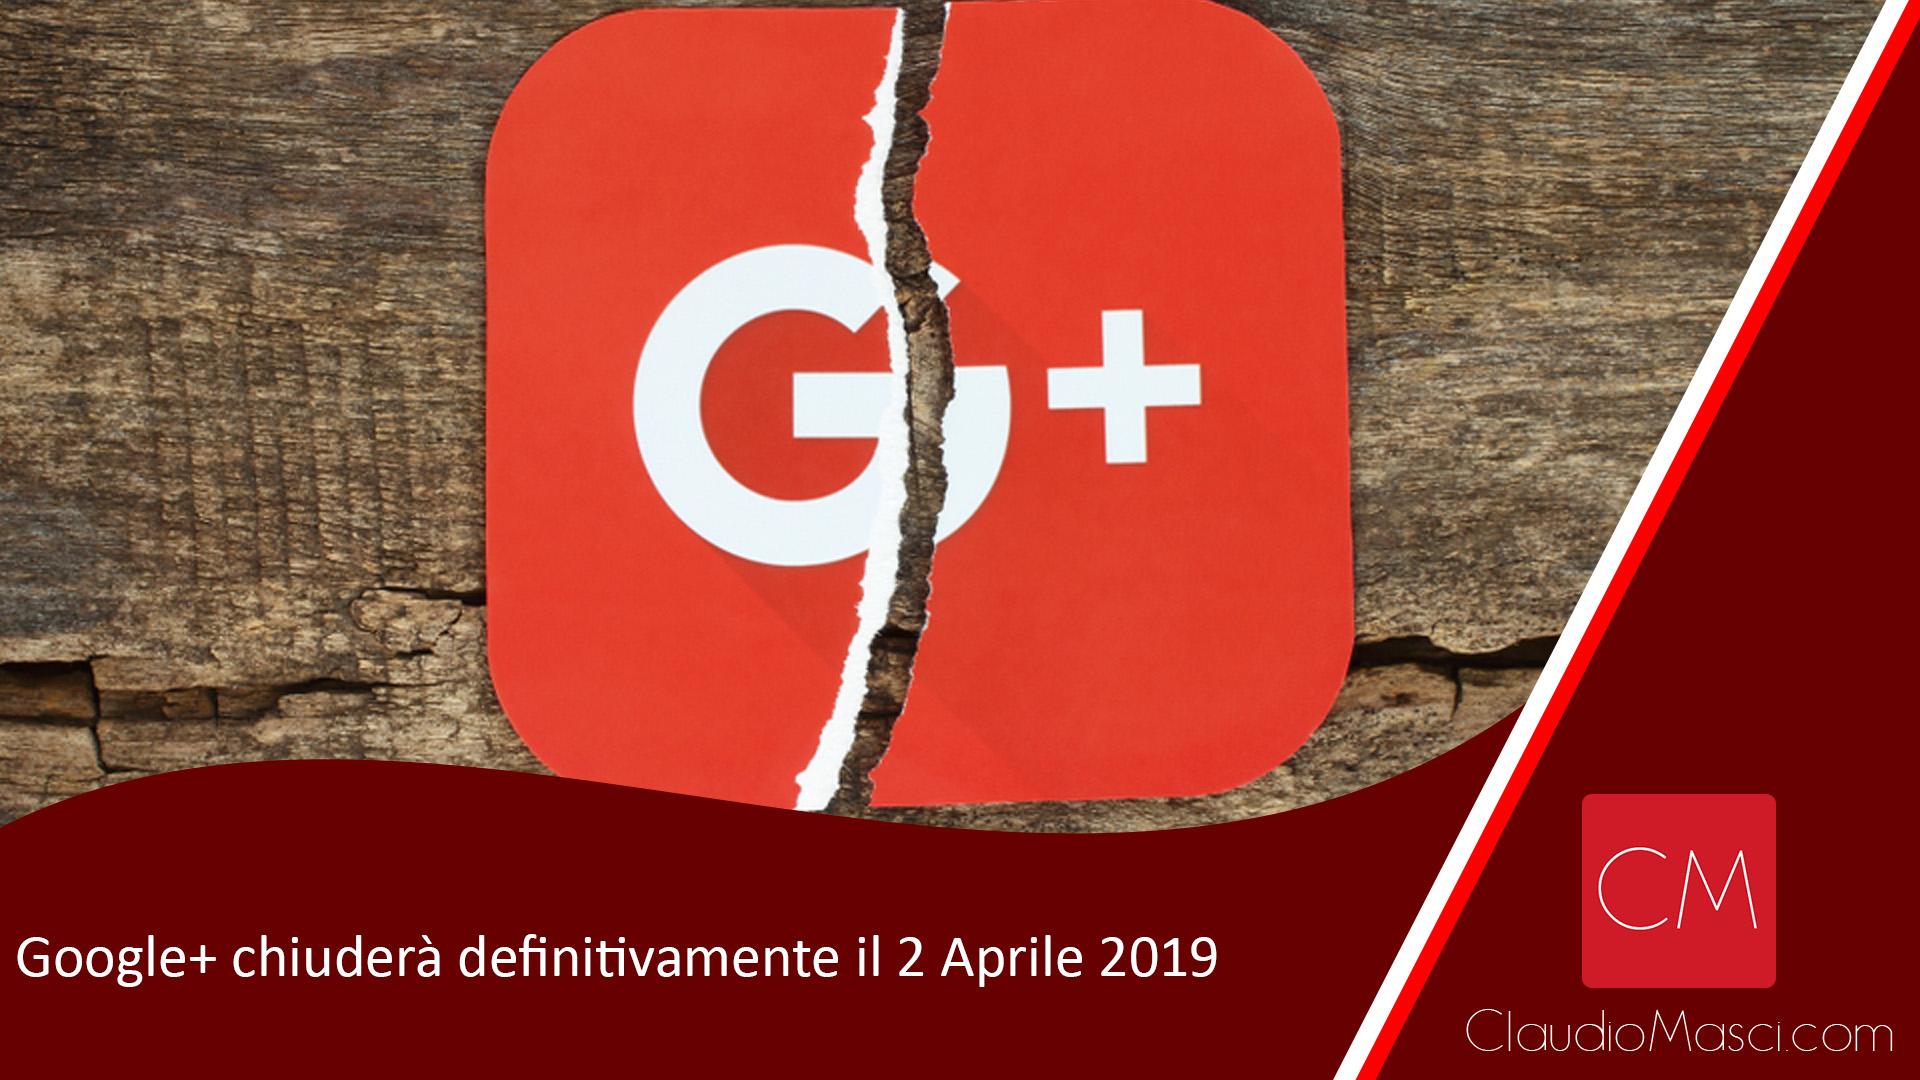 Google+ chiuderà definitivamente il 2 Aprile 2019